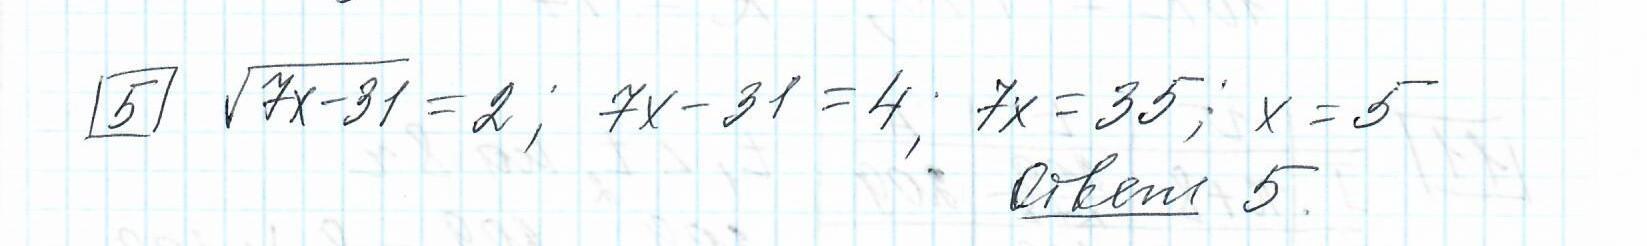 Задние 5, Вариант 7, решение и ответ - Ященко ЕГЭ 2019 математика профиль 36 вариантов